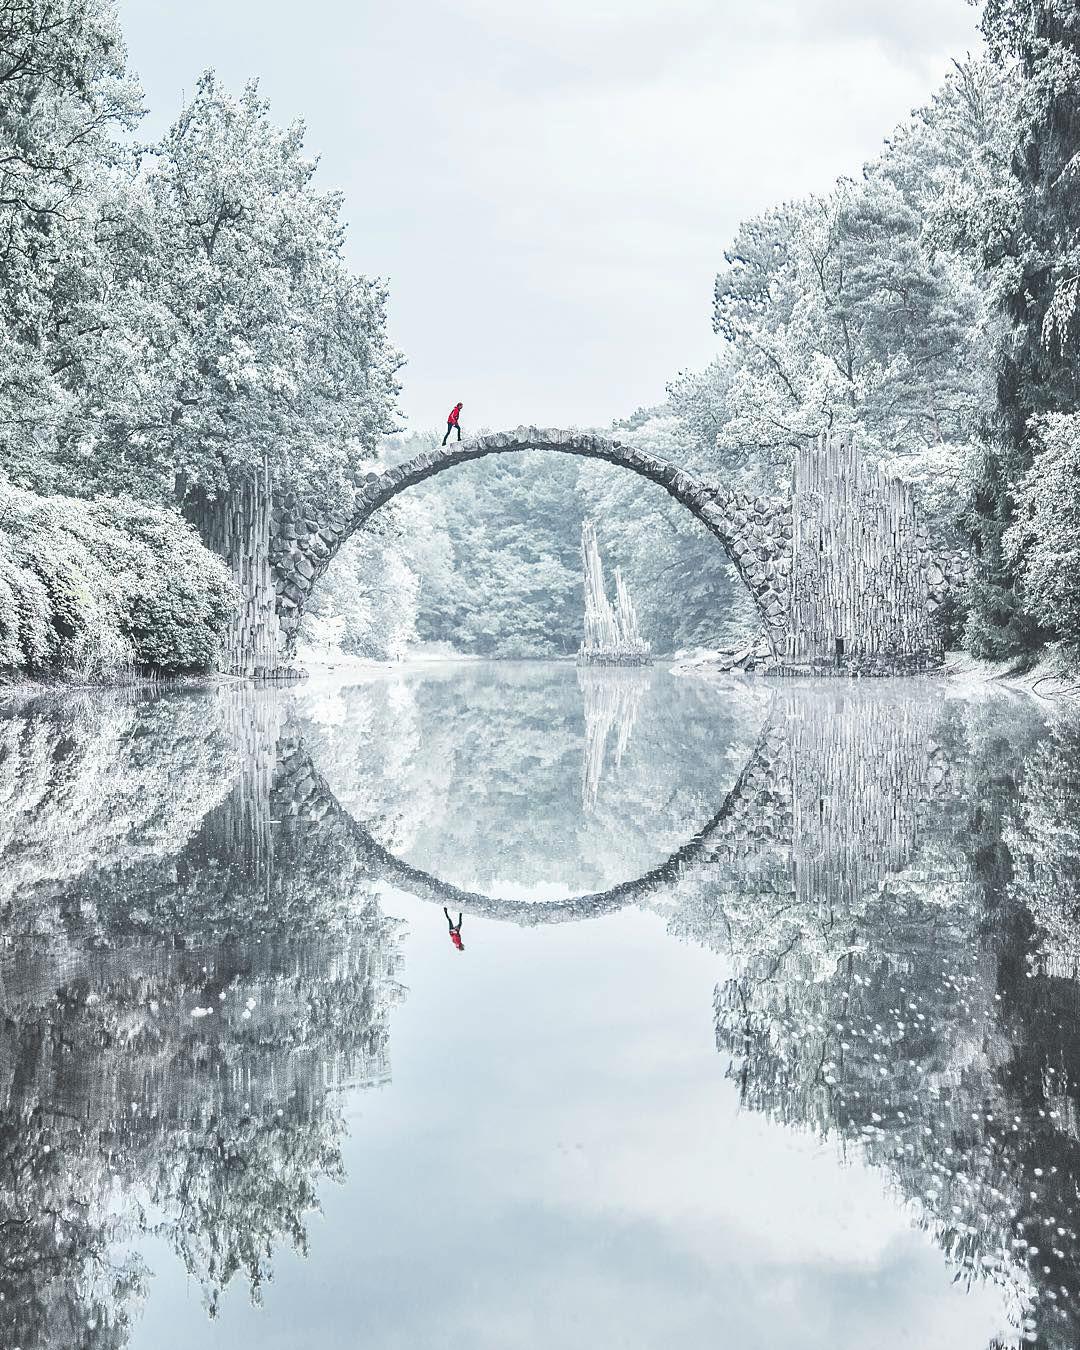 viaje alrededor del mundo con fotografías de paisajes surreales Jacob Riglin 001